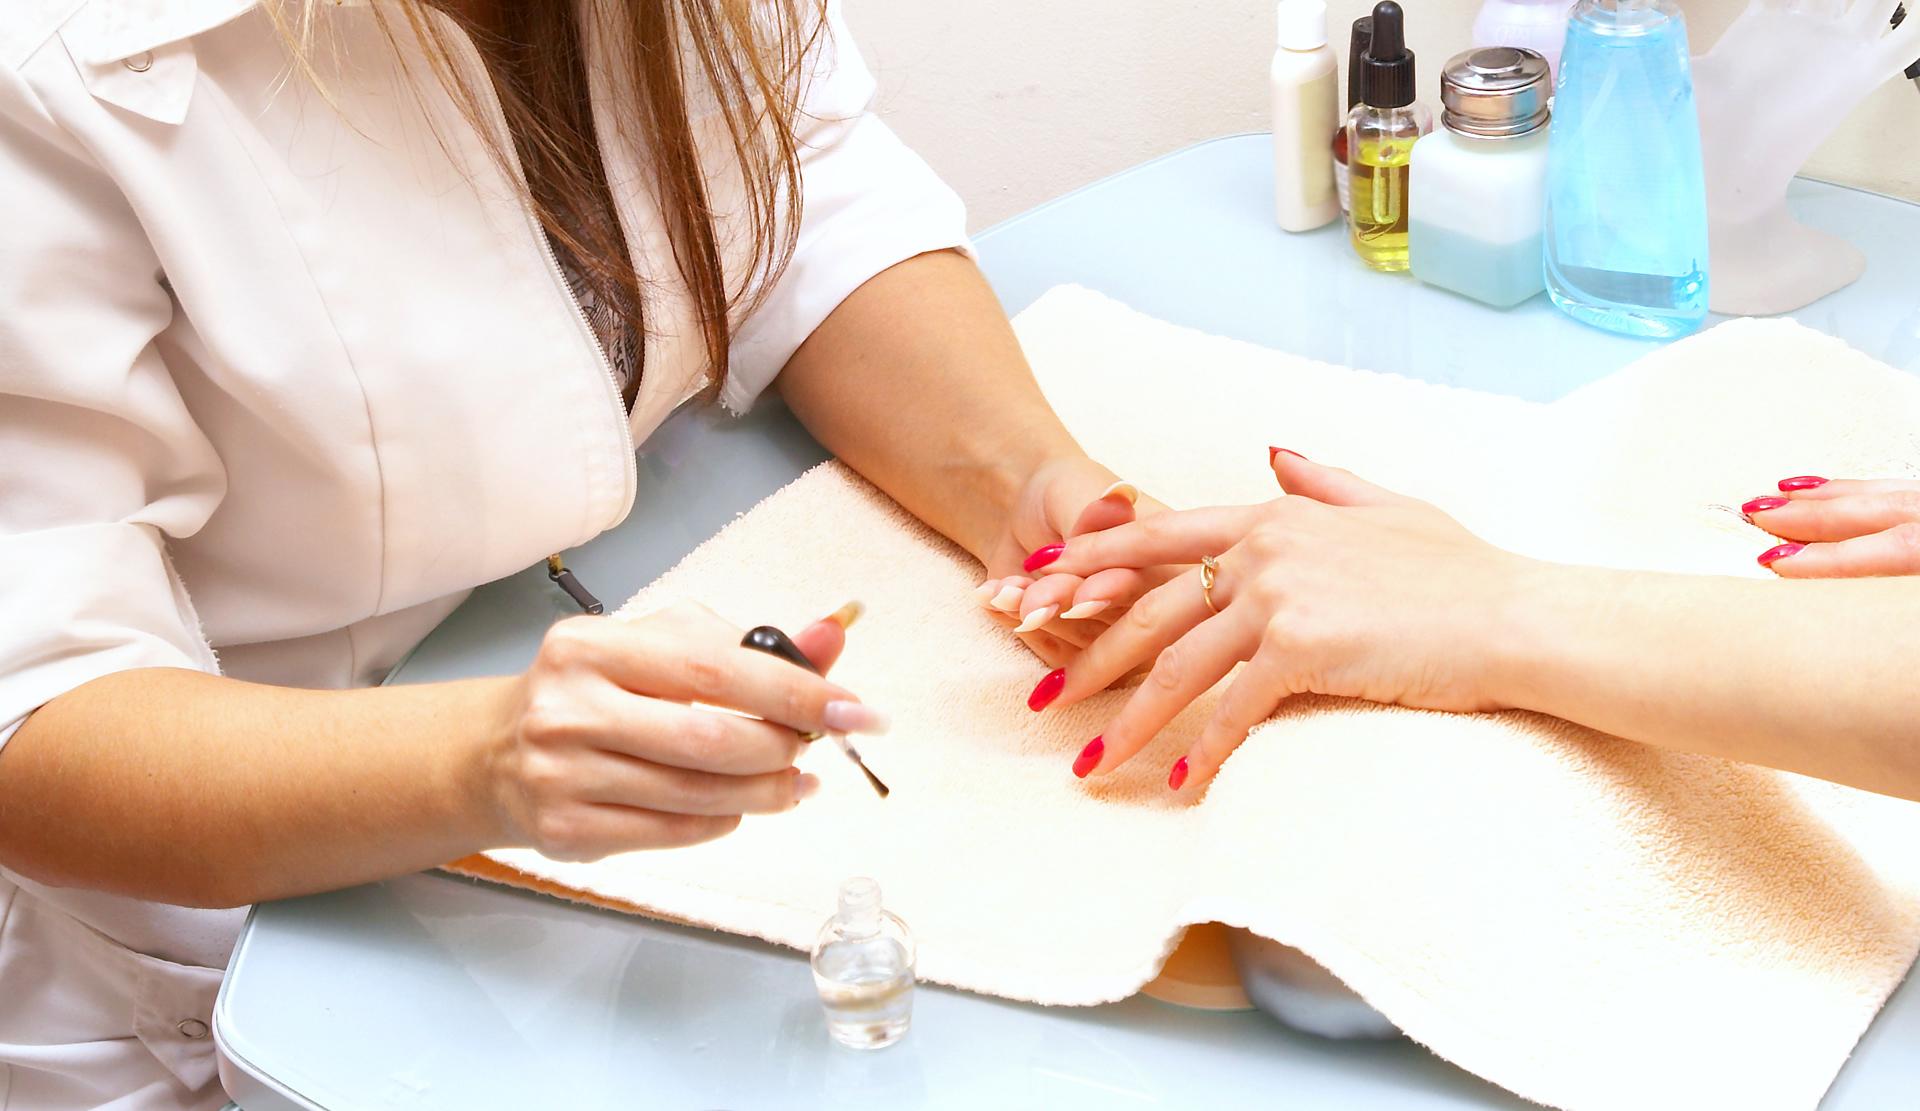 Sprawdzone sposoby na mocne i zdrowe paznokcie